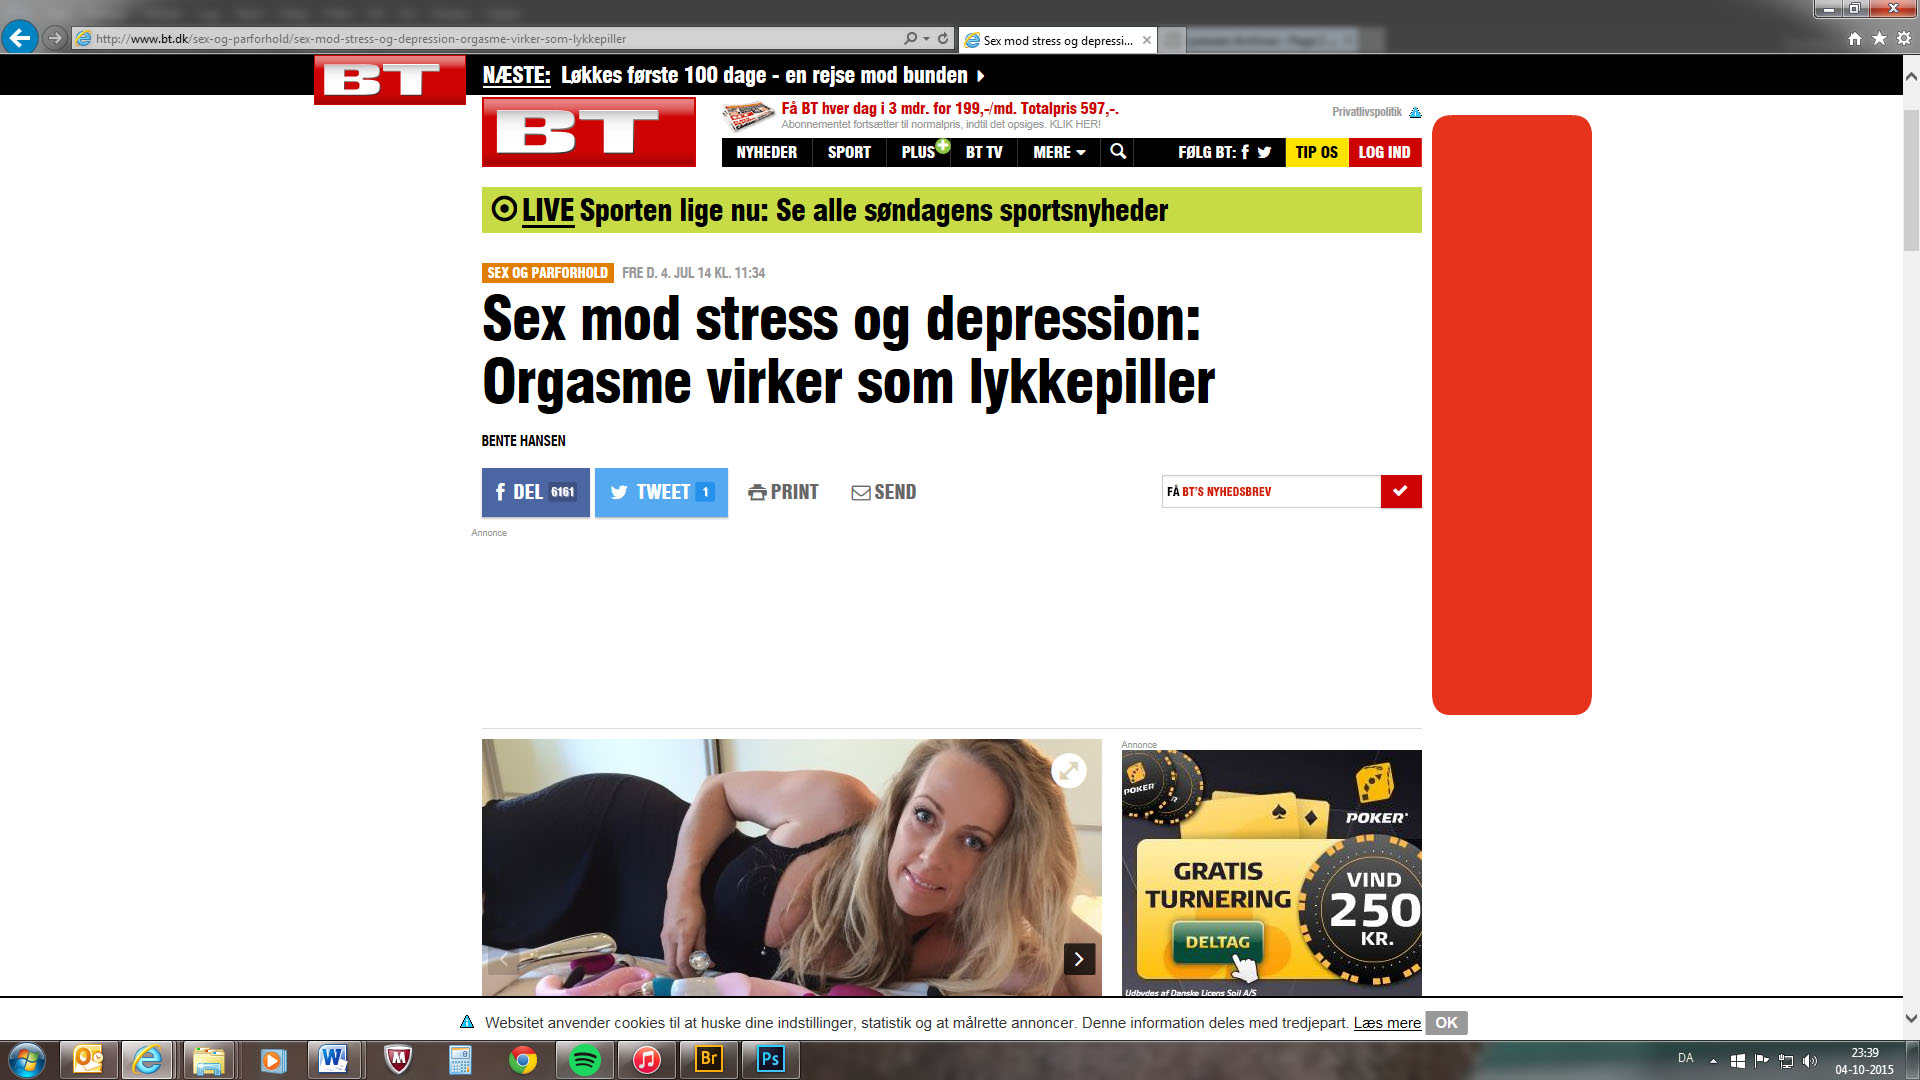 Bt.dk bringer artikel om orgasme og depression